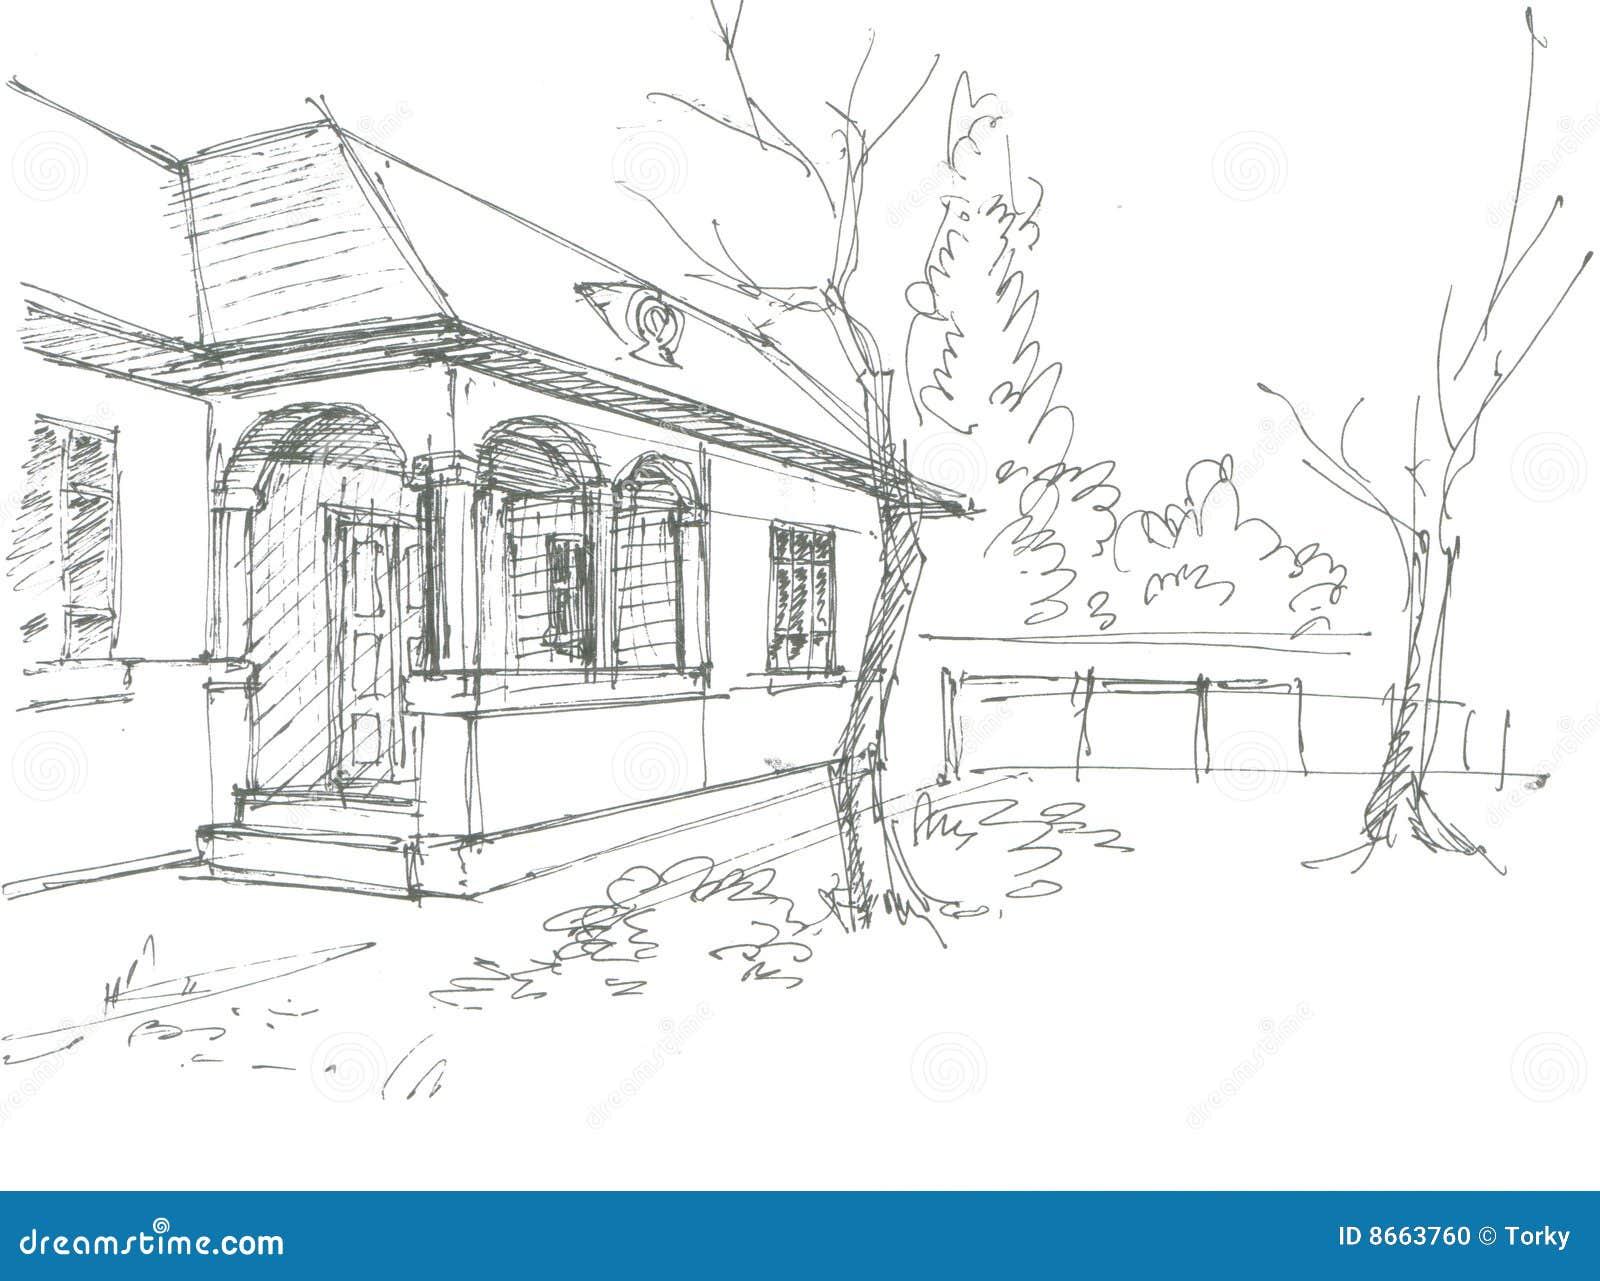 Croqui Maison : Croquis de maison village illustration vecteur